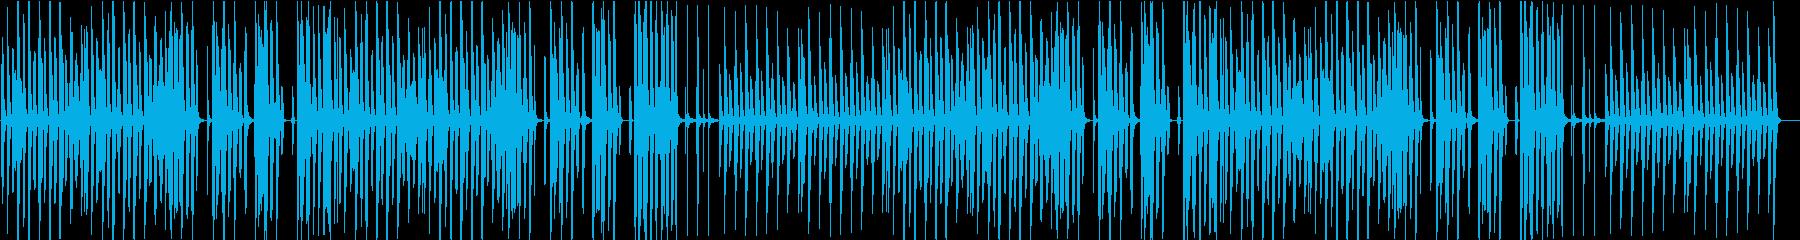 猫・日常・ほのぼの・リコーダー・軽快の再生済みの波形